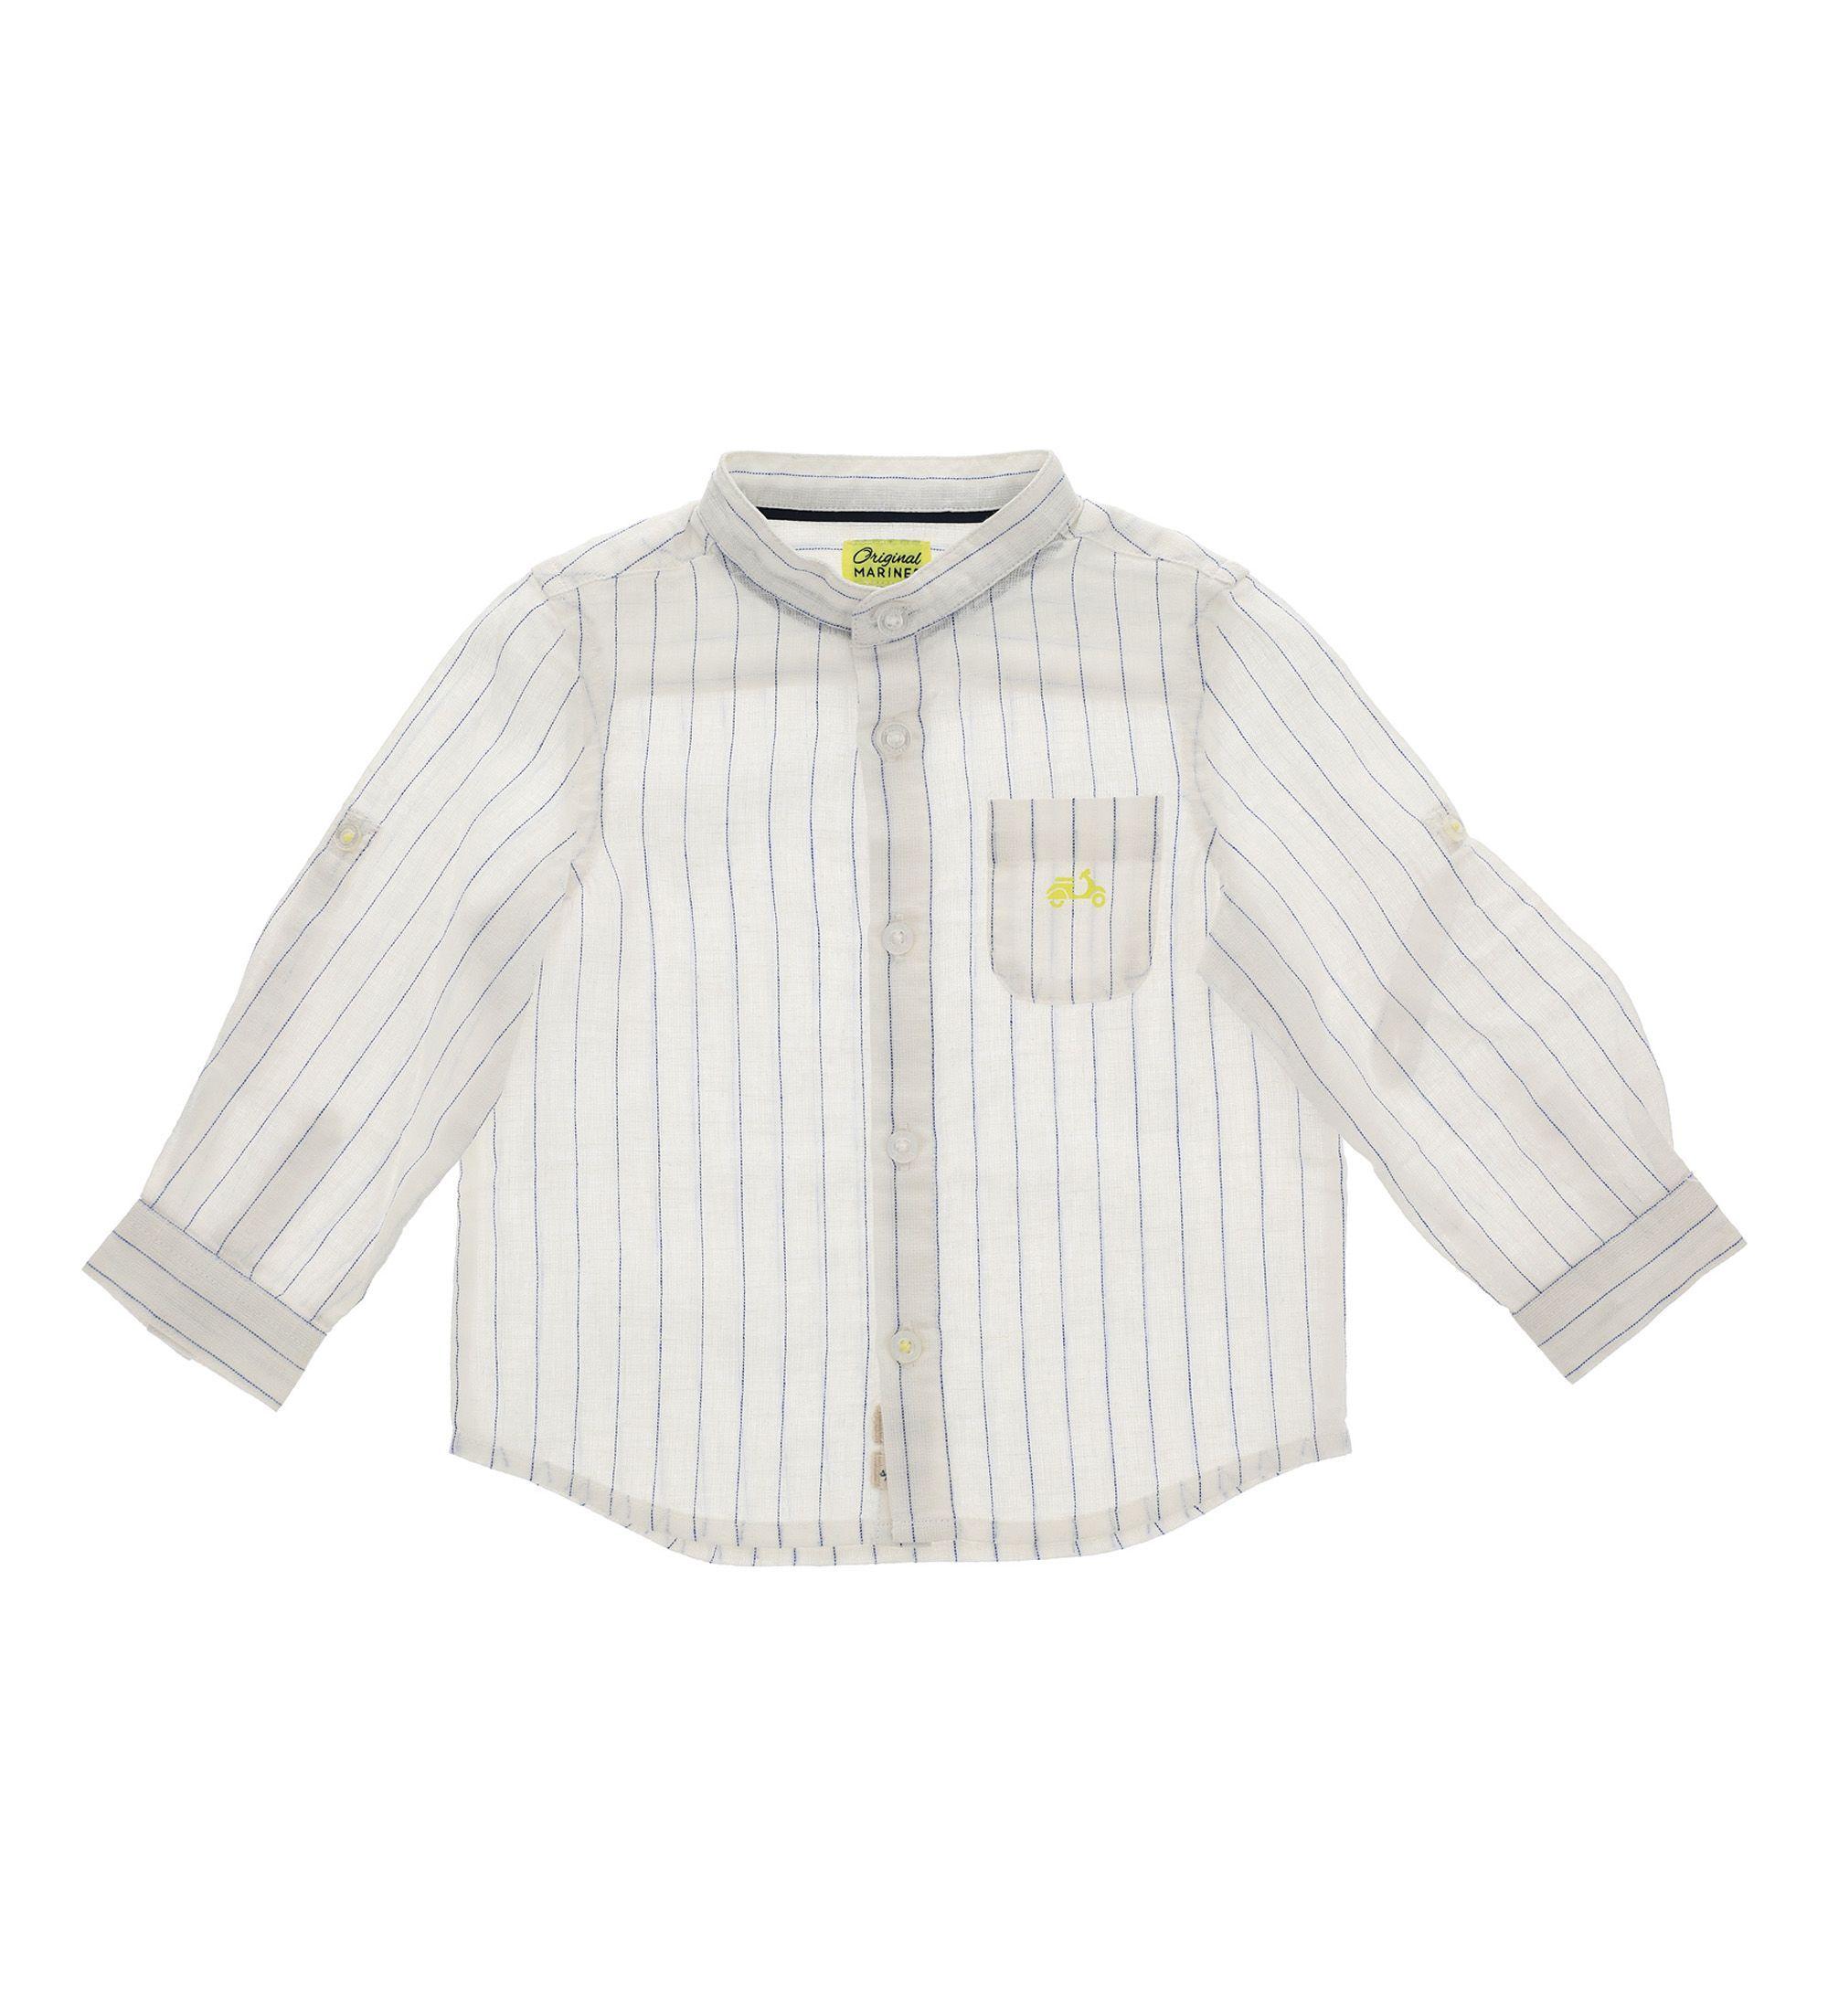 Купить Рубашка с длинным рукавом Original Marines, белый, 80, Мальчики, весна